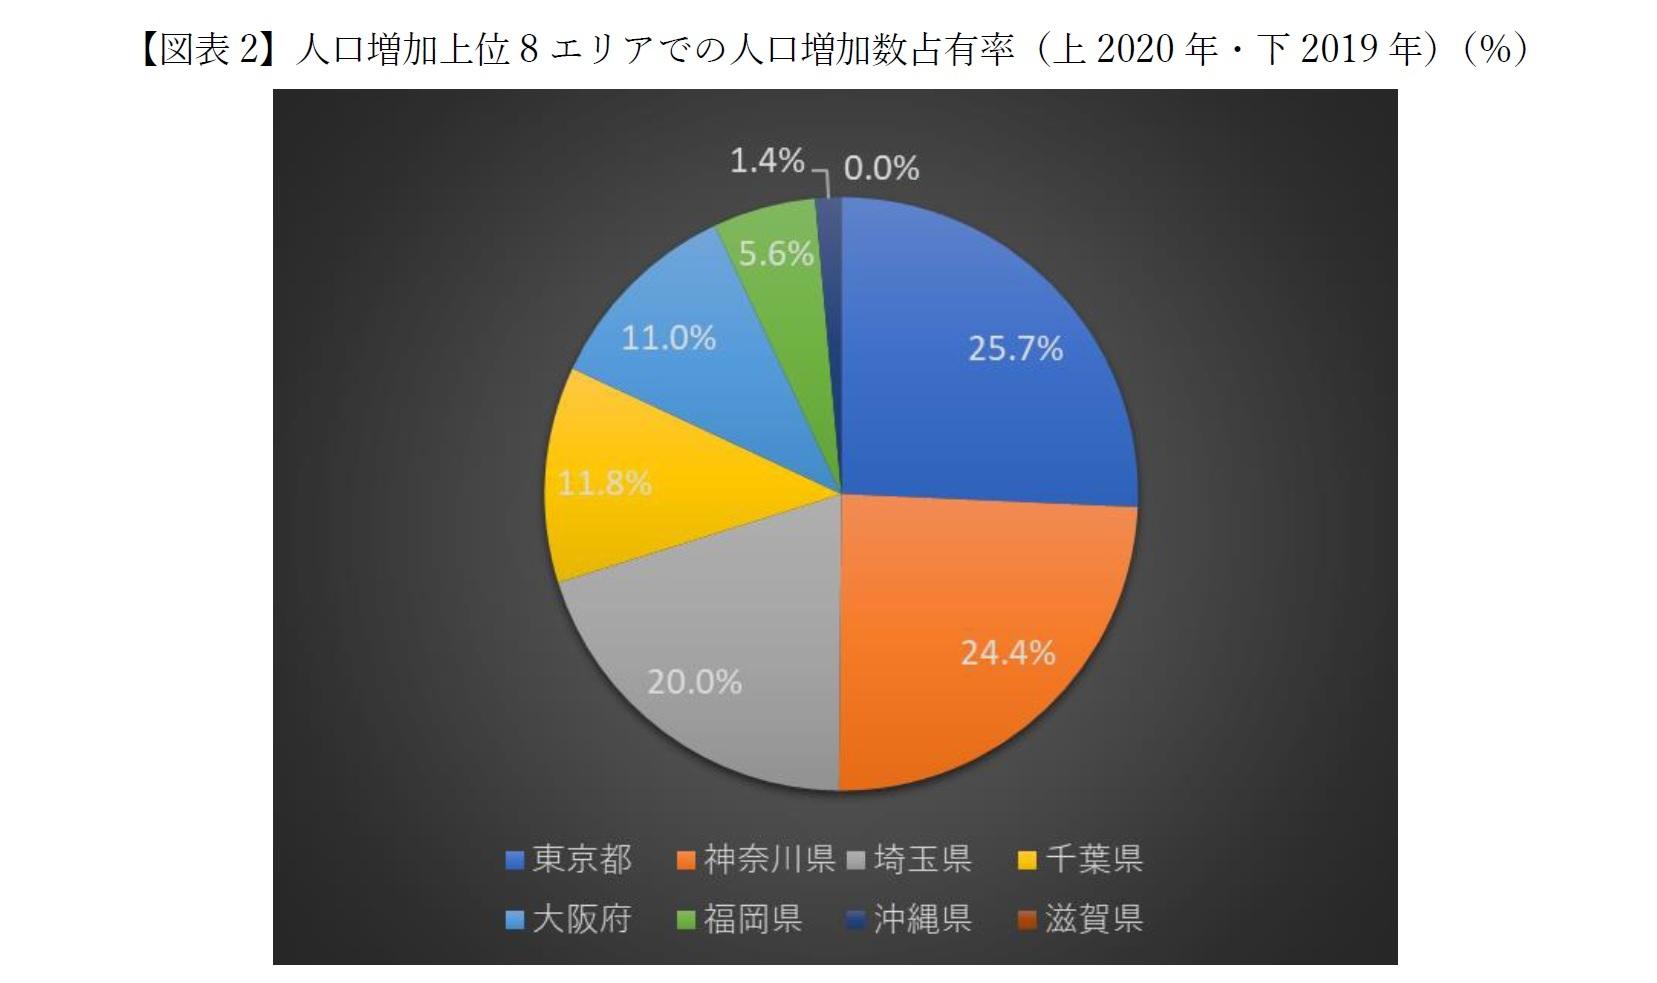 【図表2-1】人口増加上位8エリアでの人口増加数占有率(上2020年・下2019年)(%)